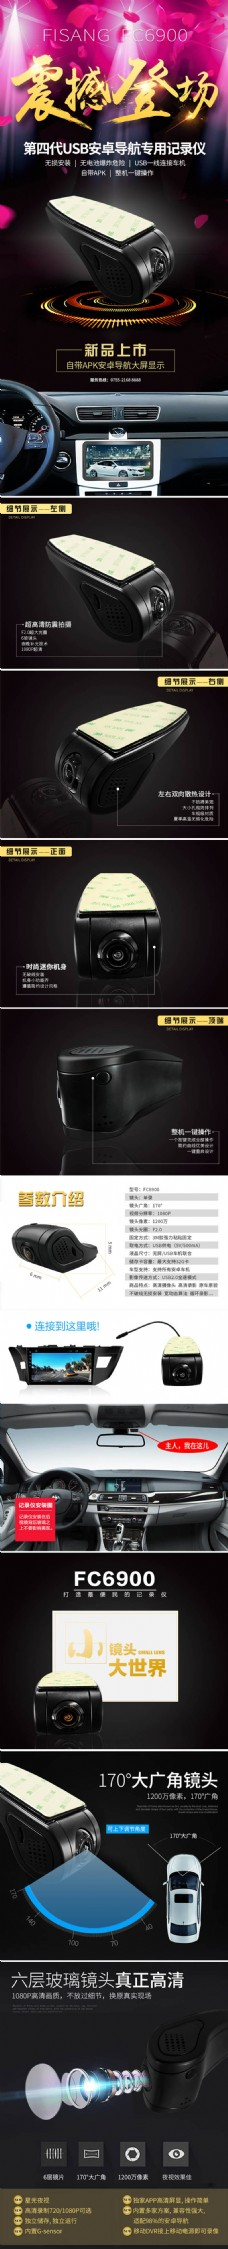 汽车新品USB安卓导航行车记录仪详情页